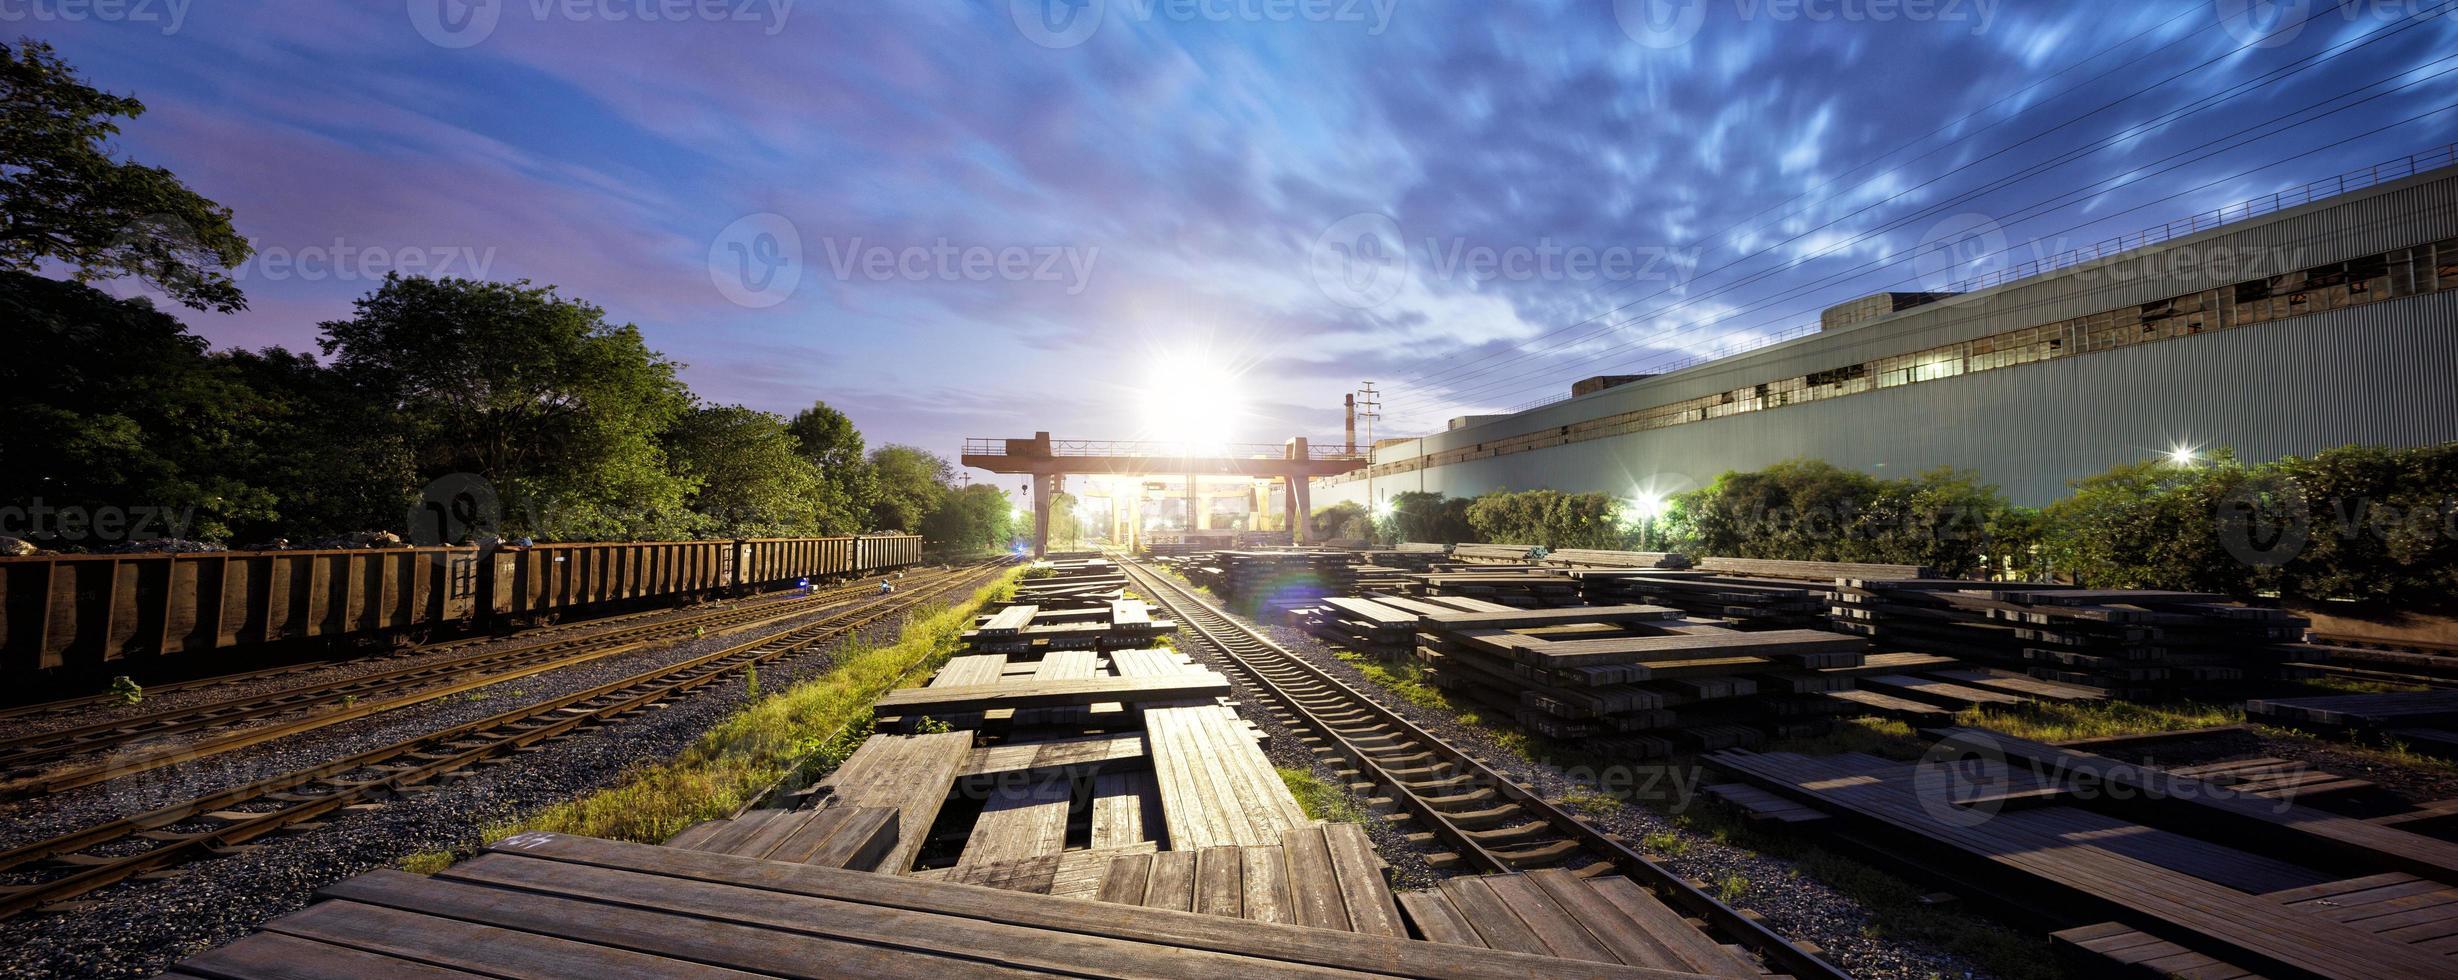 ferrovia nel crepuscolo foto